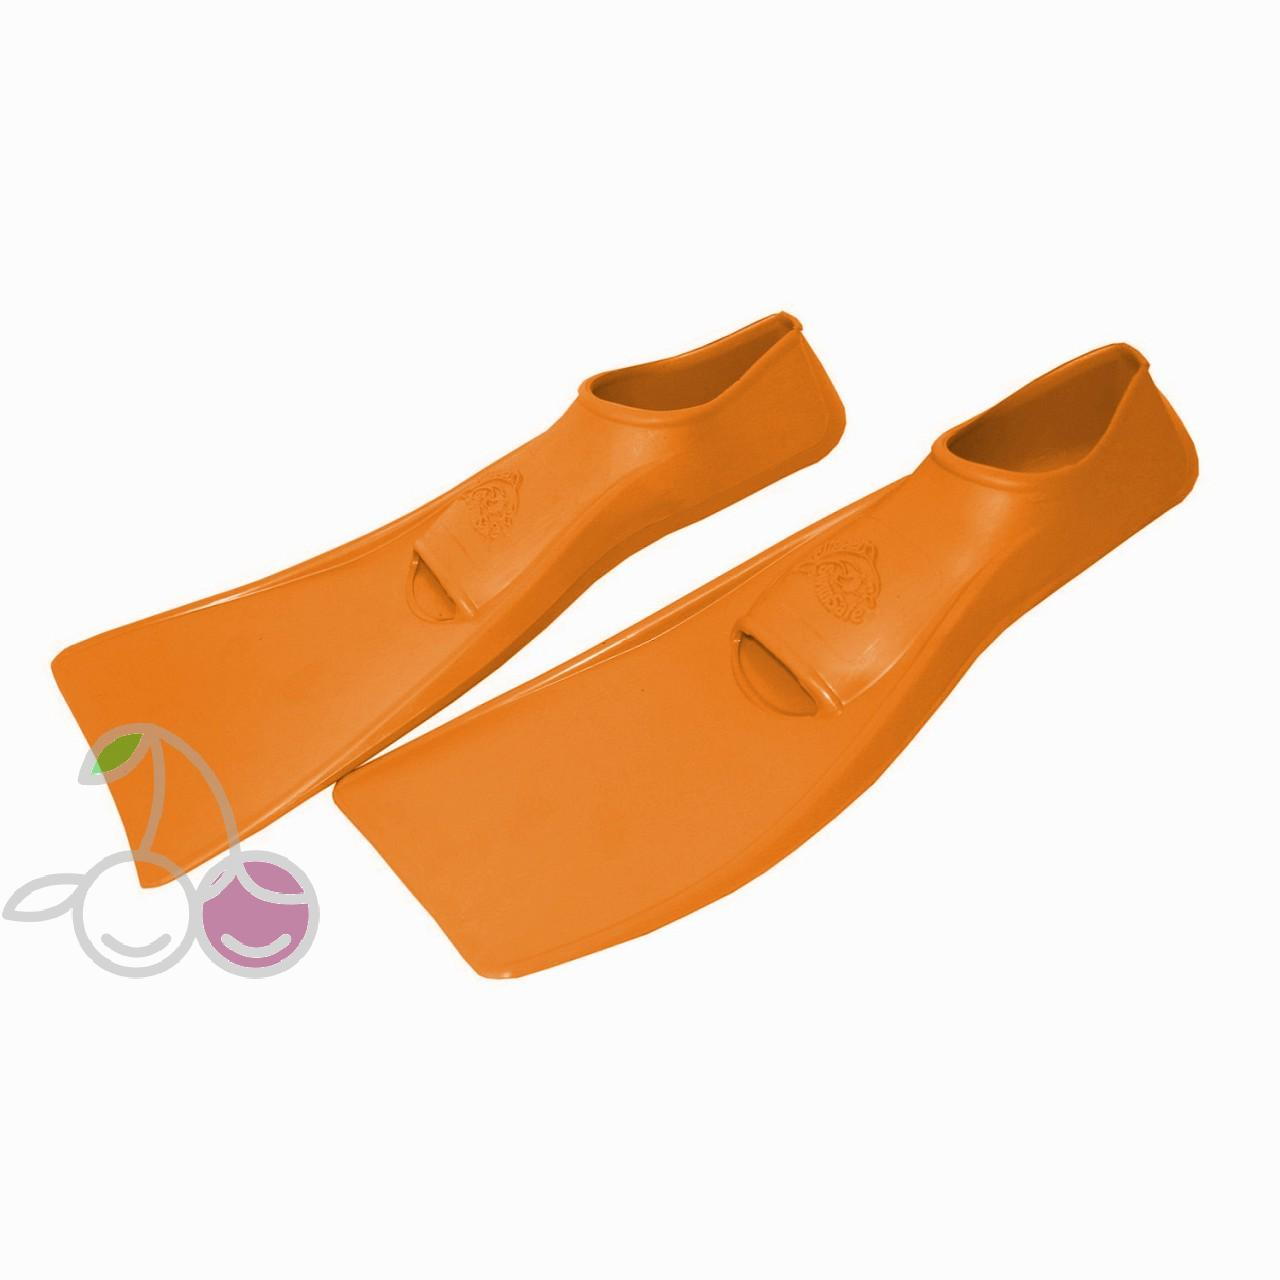 Ласты для бассейна резиновые детские размеры 28-30 оранжевые СВИМСЕЙФ (SwimSafe) Германия, - фото 2